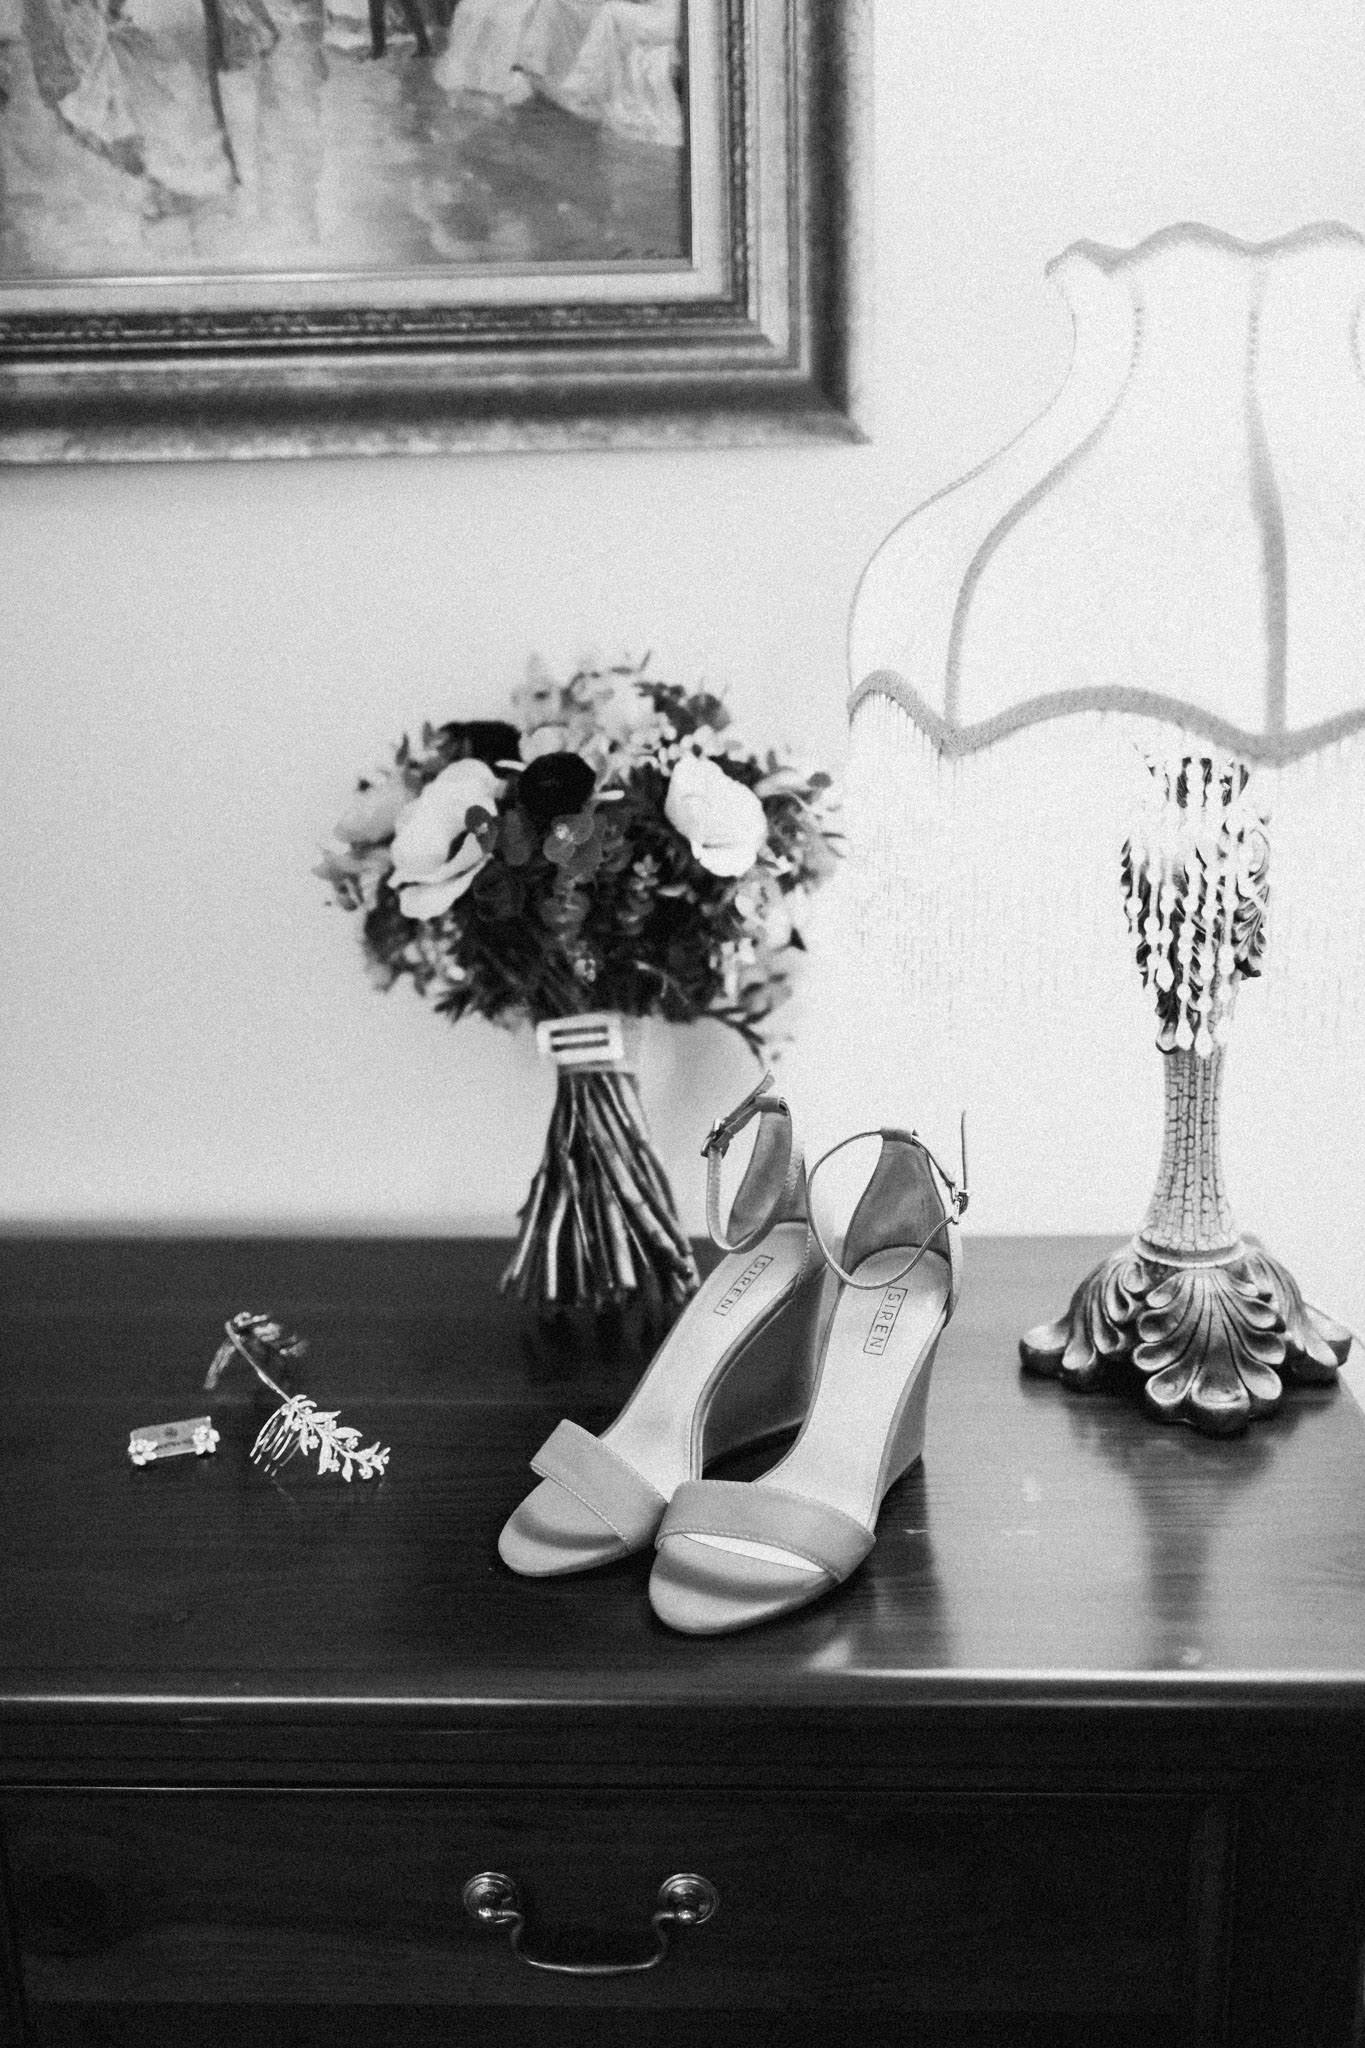 WeddingPhotos_Facebook_2048pixels-1032.jpg